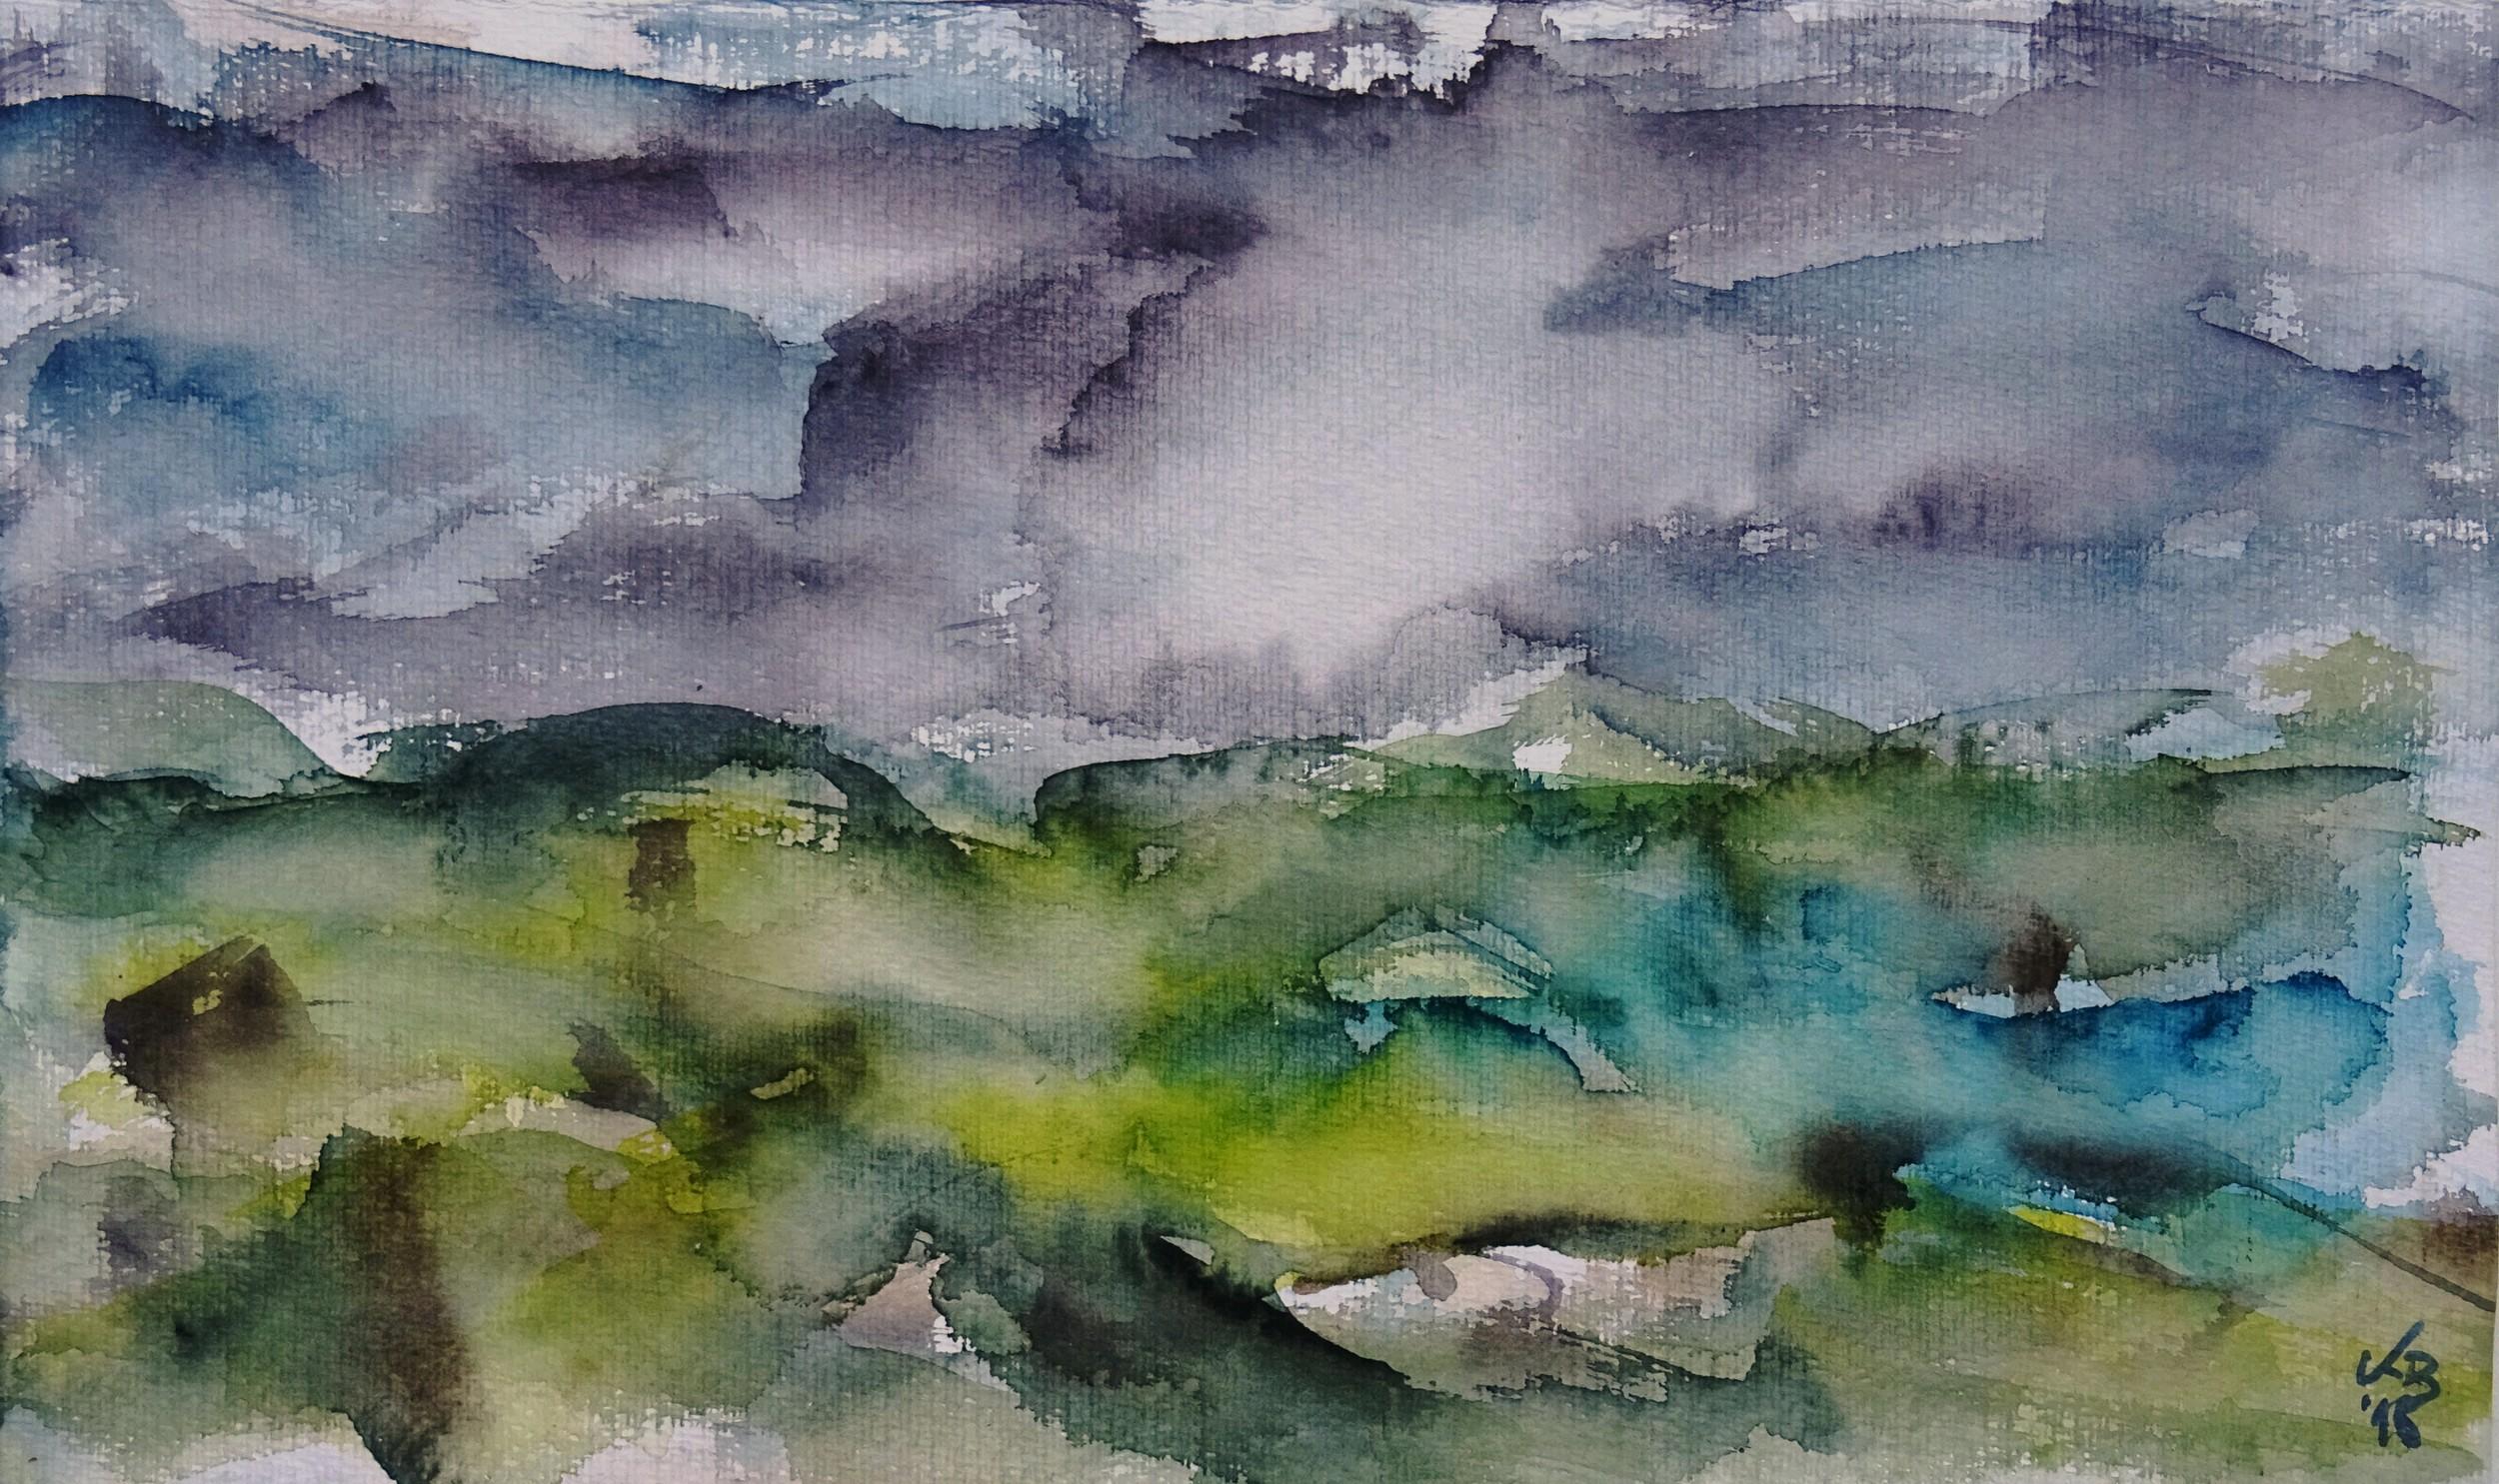 18-11-15_outer_hebrides_south_uist_landscape_Watercolour_50_x_30_cm_©2018_by_Klaus_Bölling.jpg